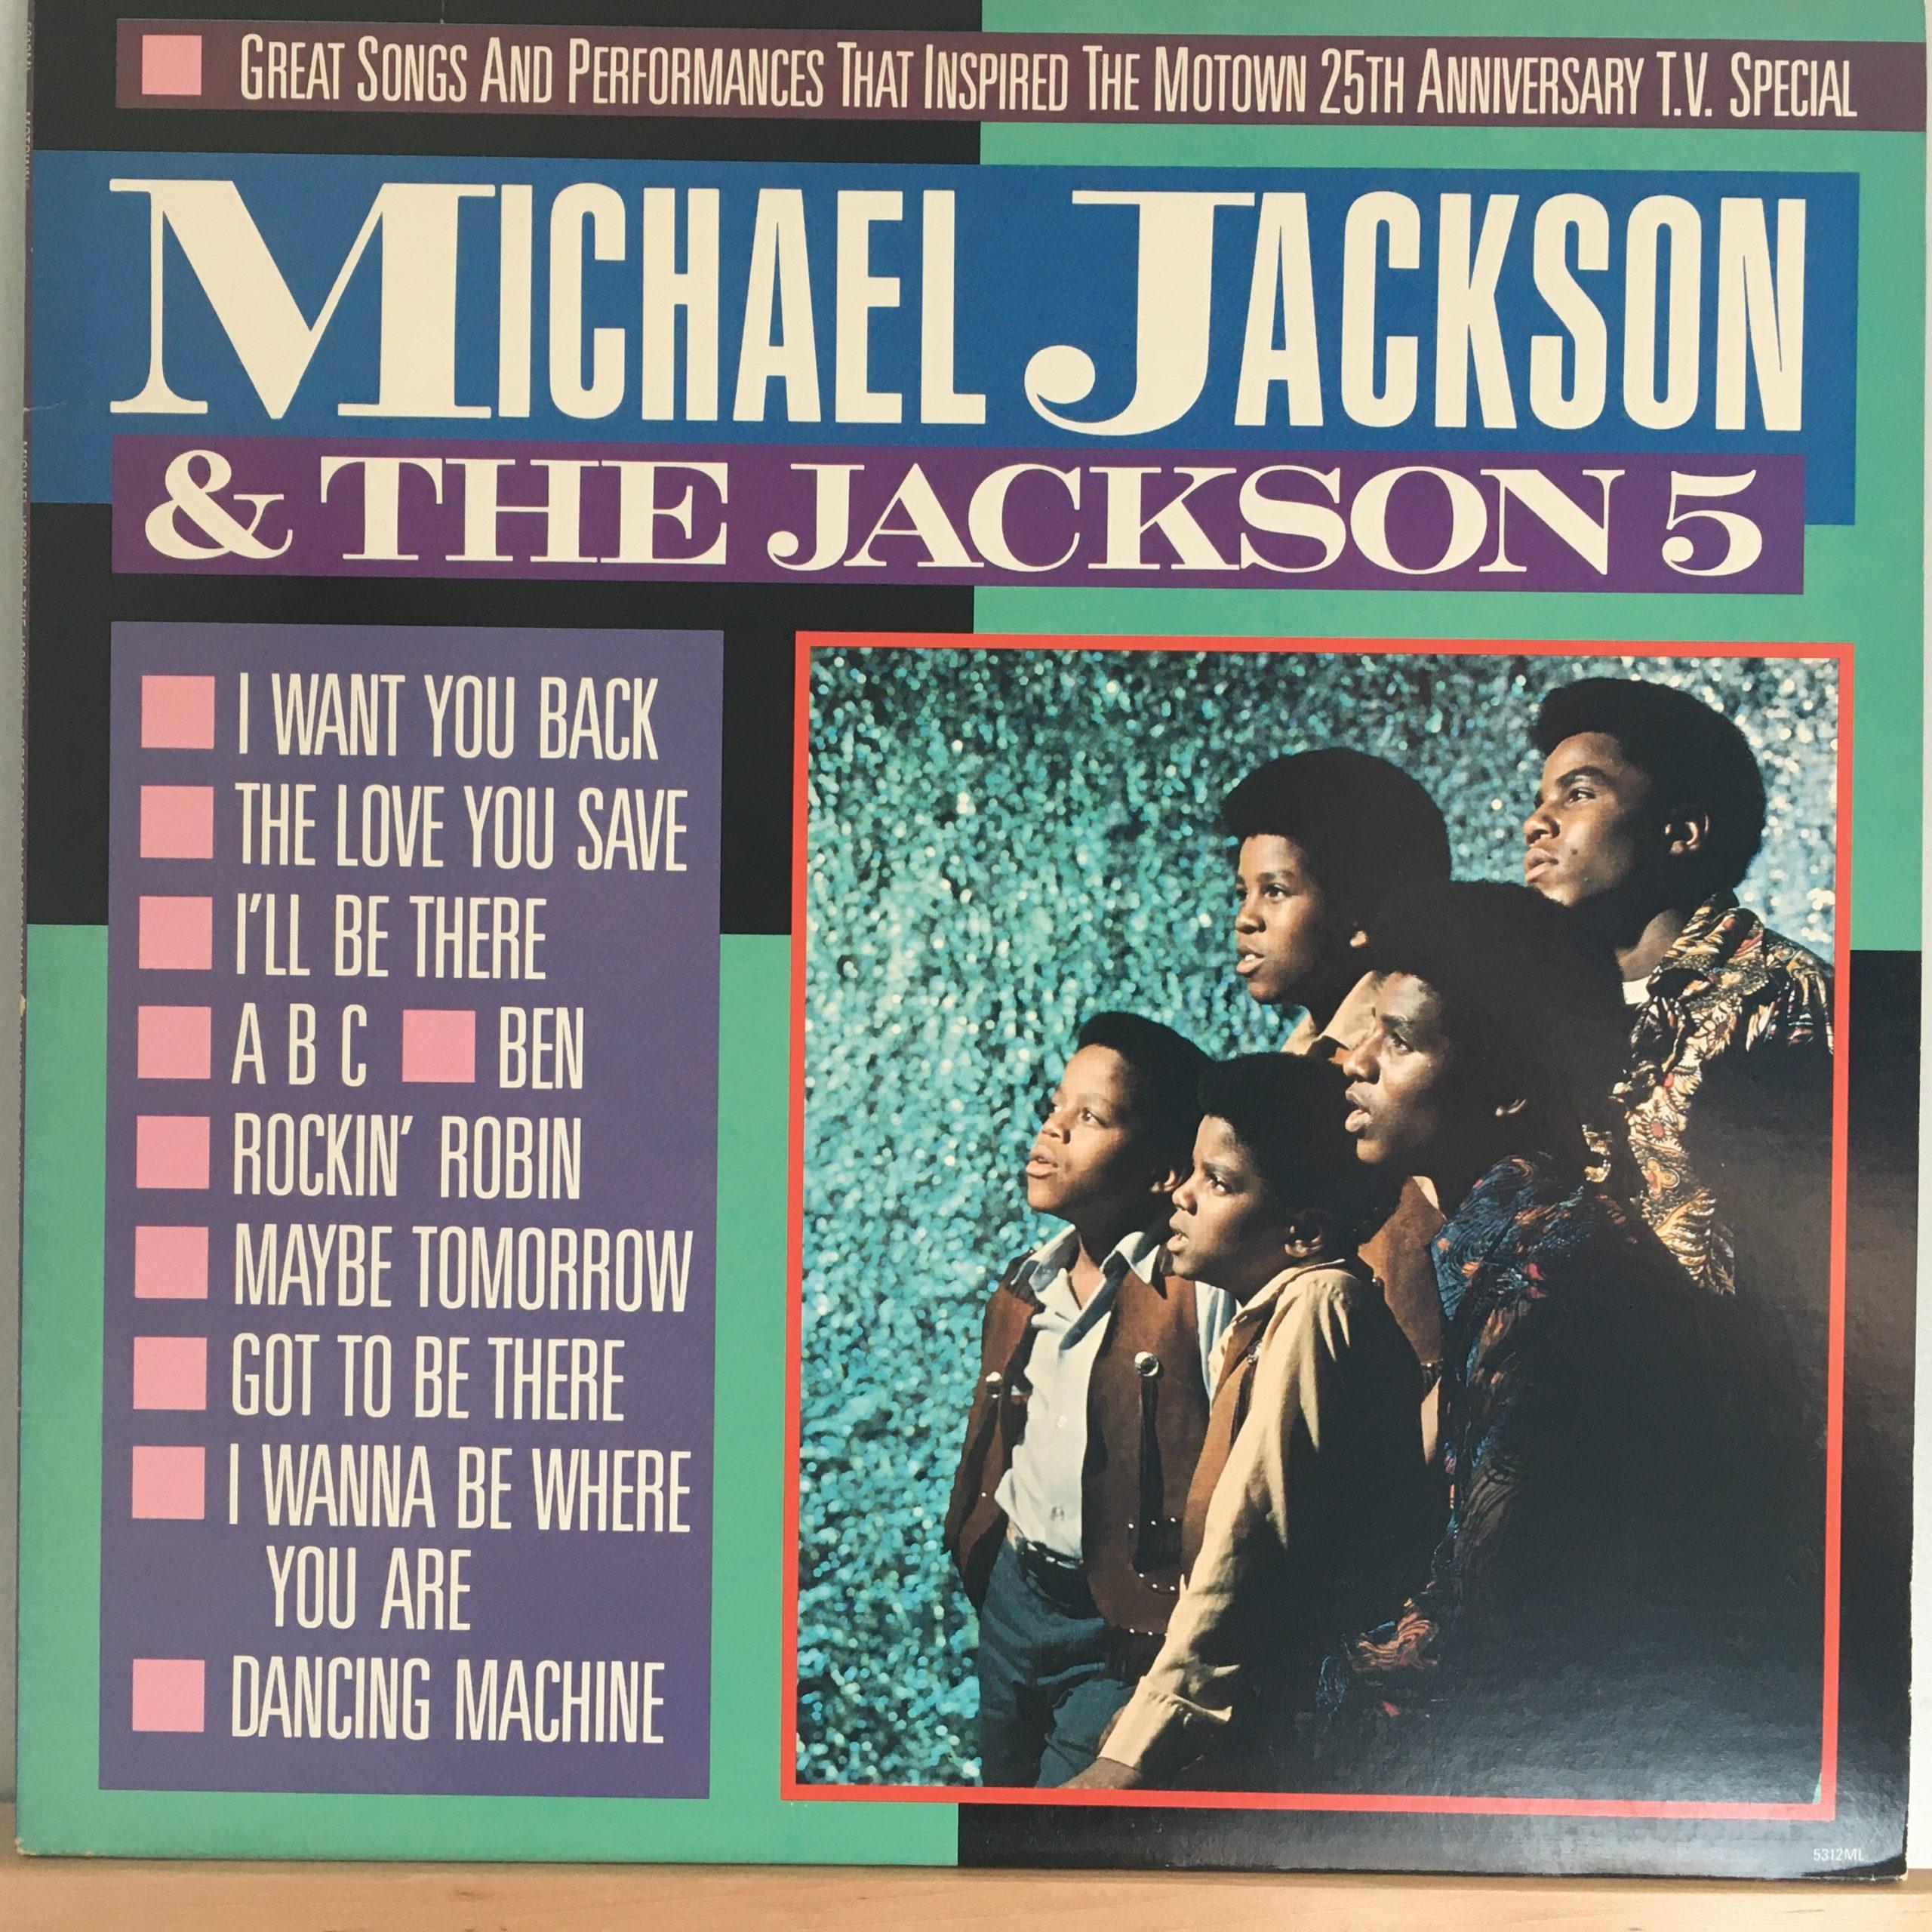 Michael Jackson and the Jackson 5